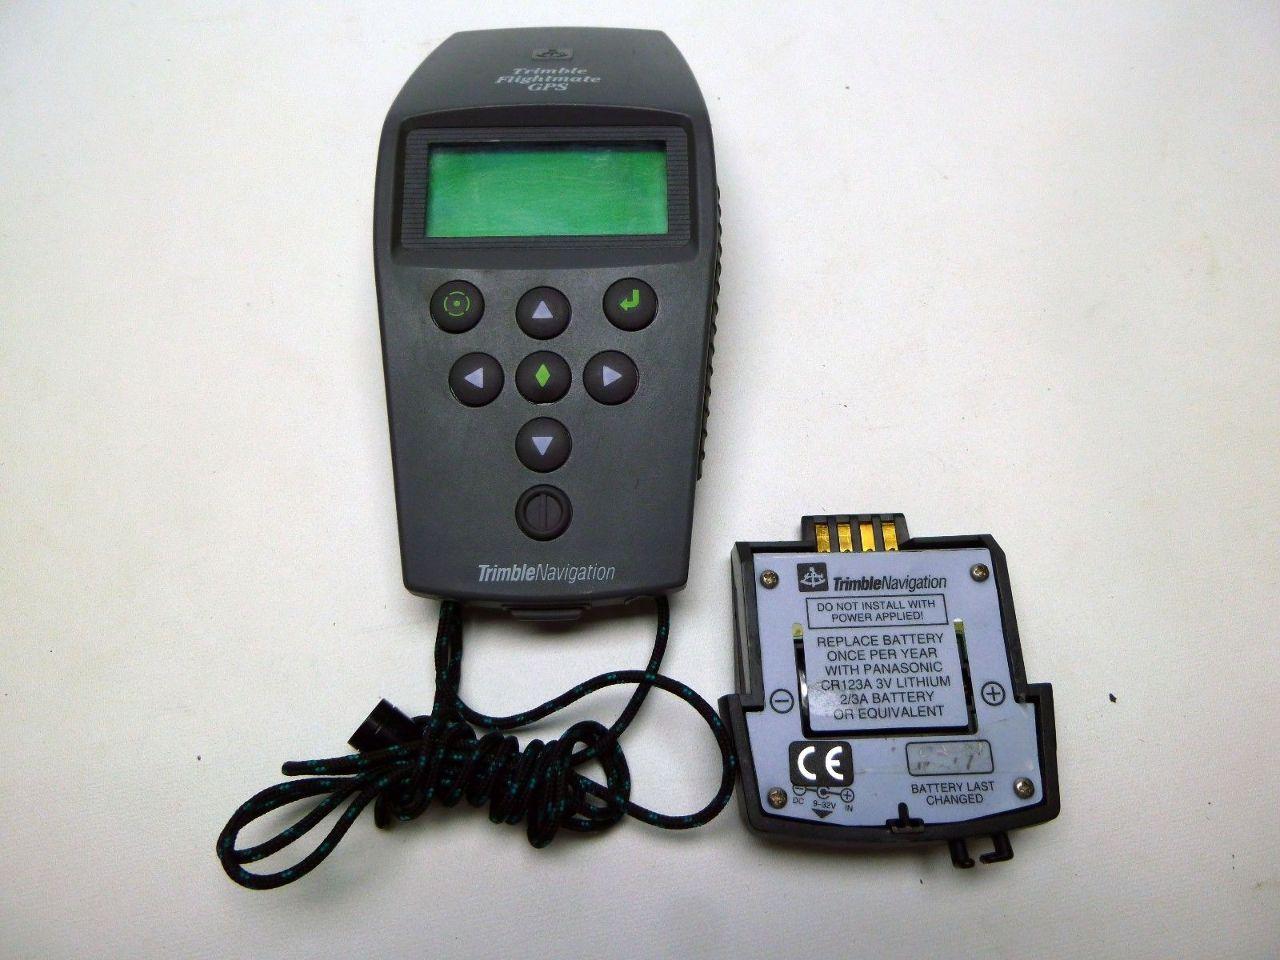 Flightmate Pro GPS 17319 Trimble Navigation with Accessories & soft case.